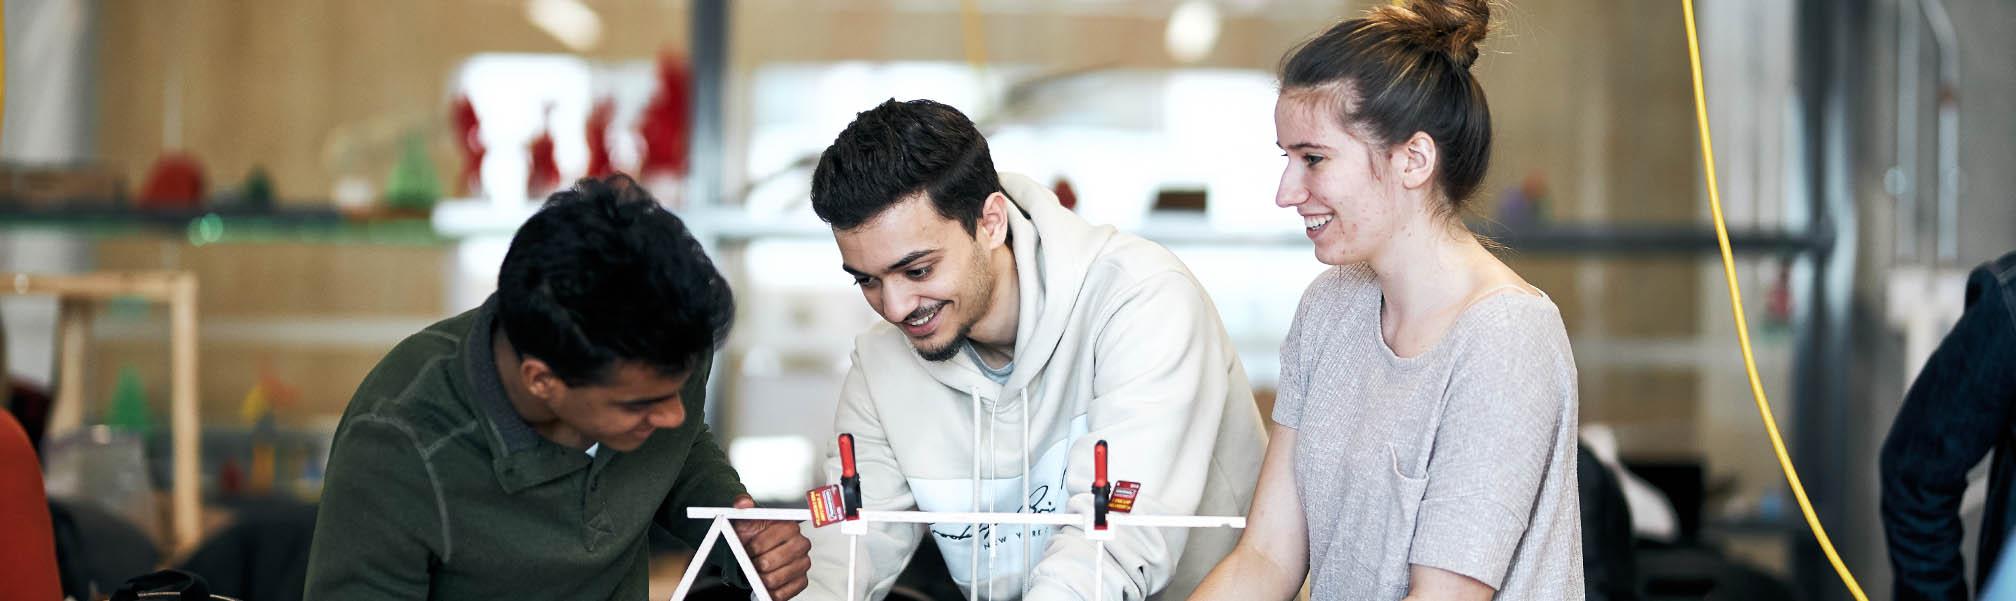 Trois étudiants souriant en travaillant sur une maquette